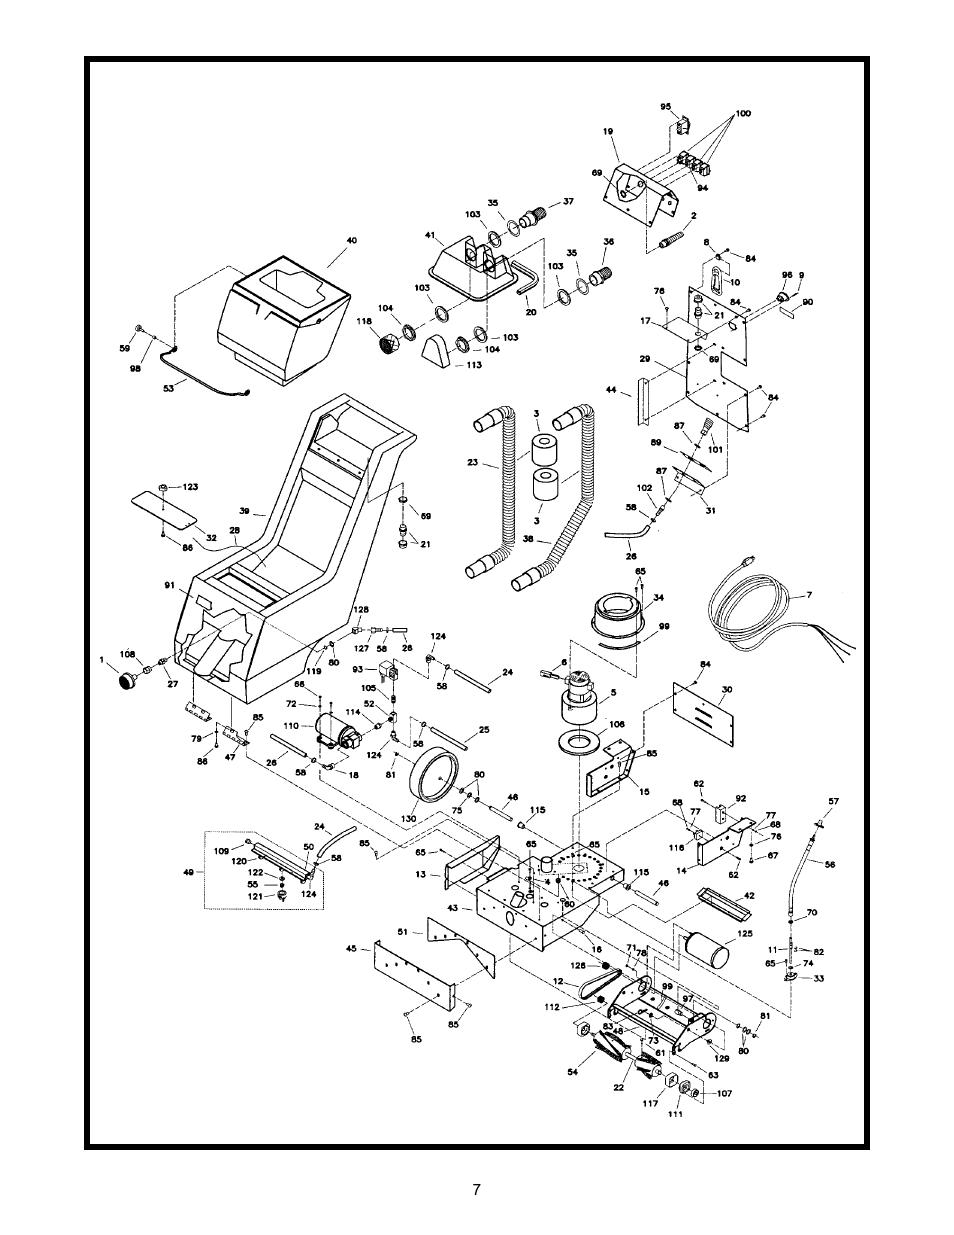 Minuteman C45014-01 Ambassador Junior 115V User Manual